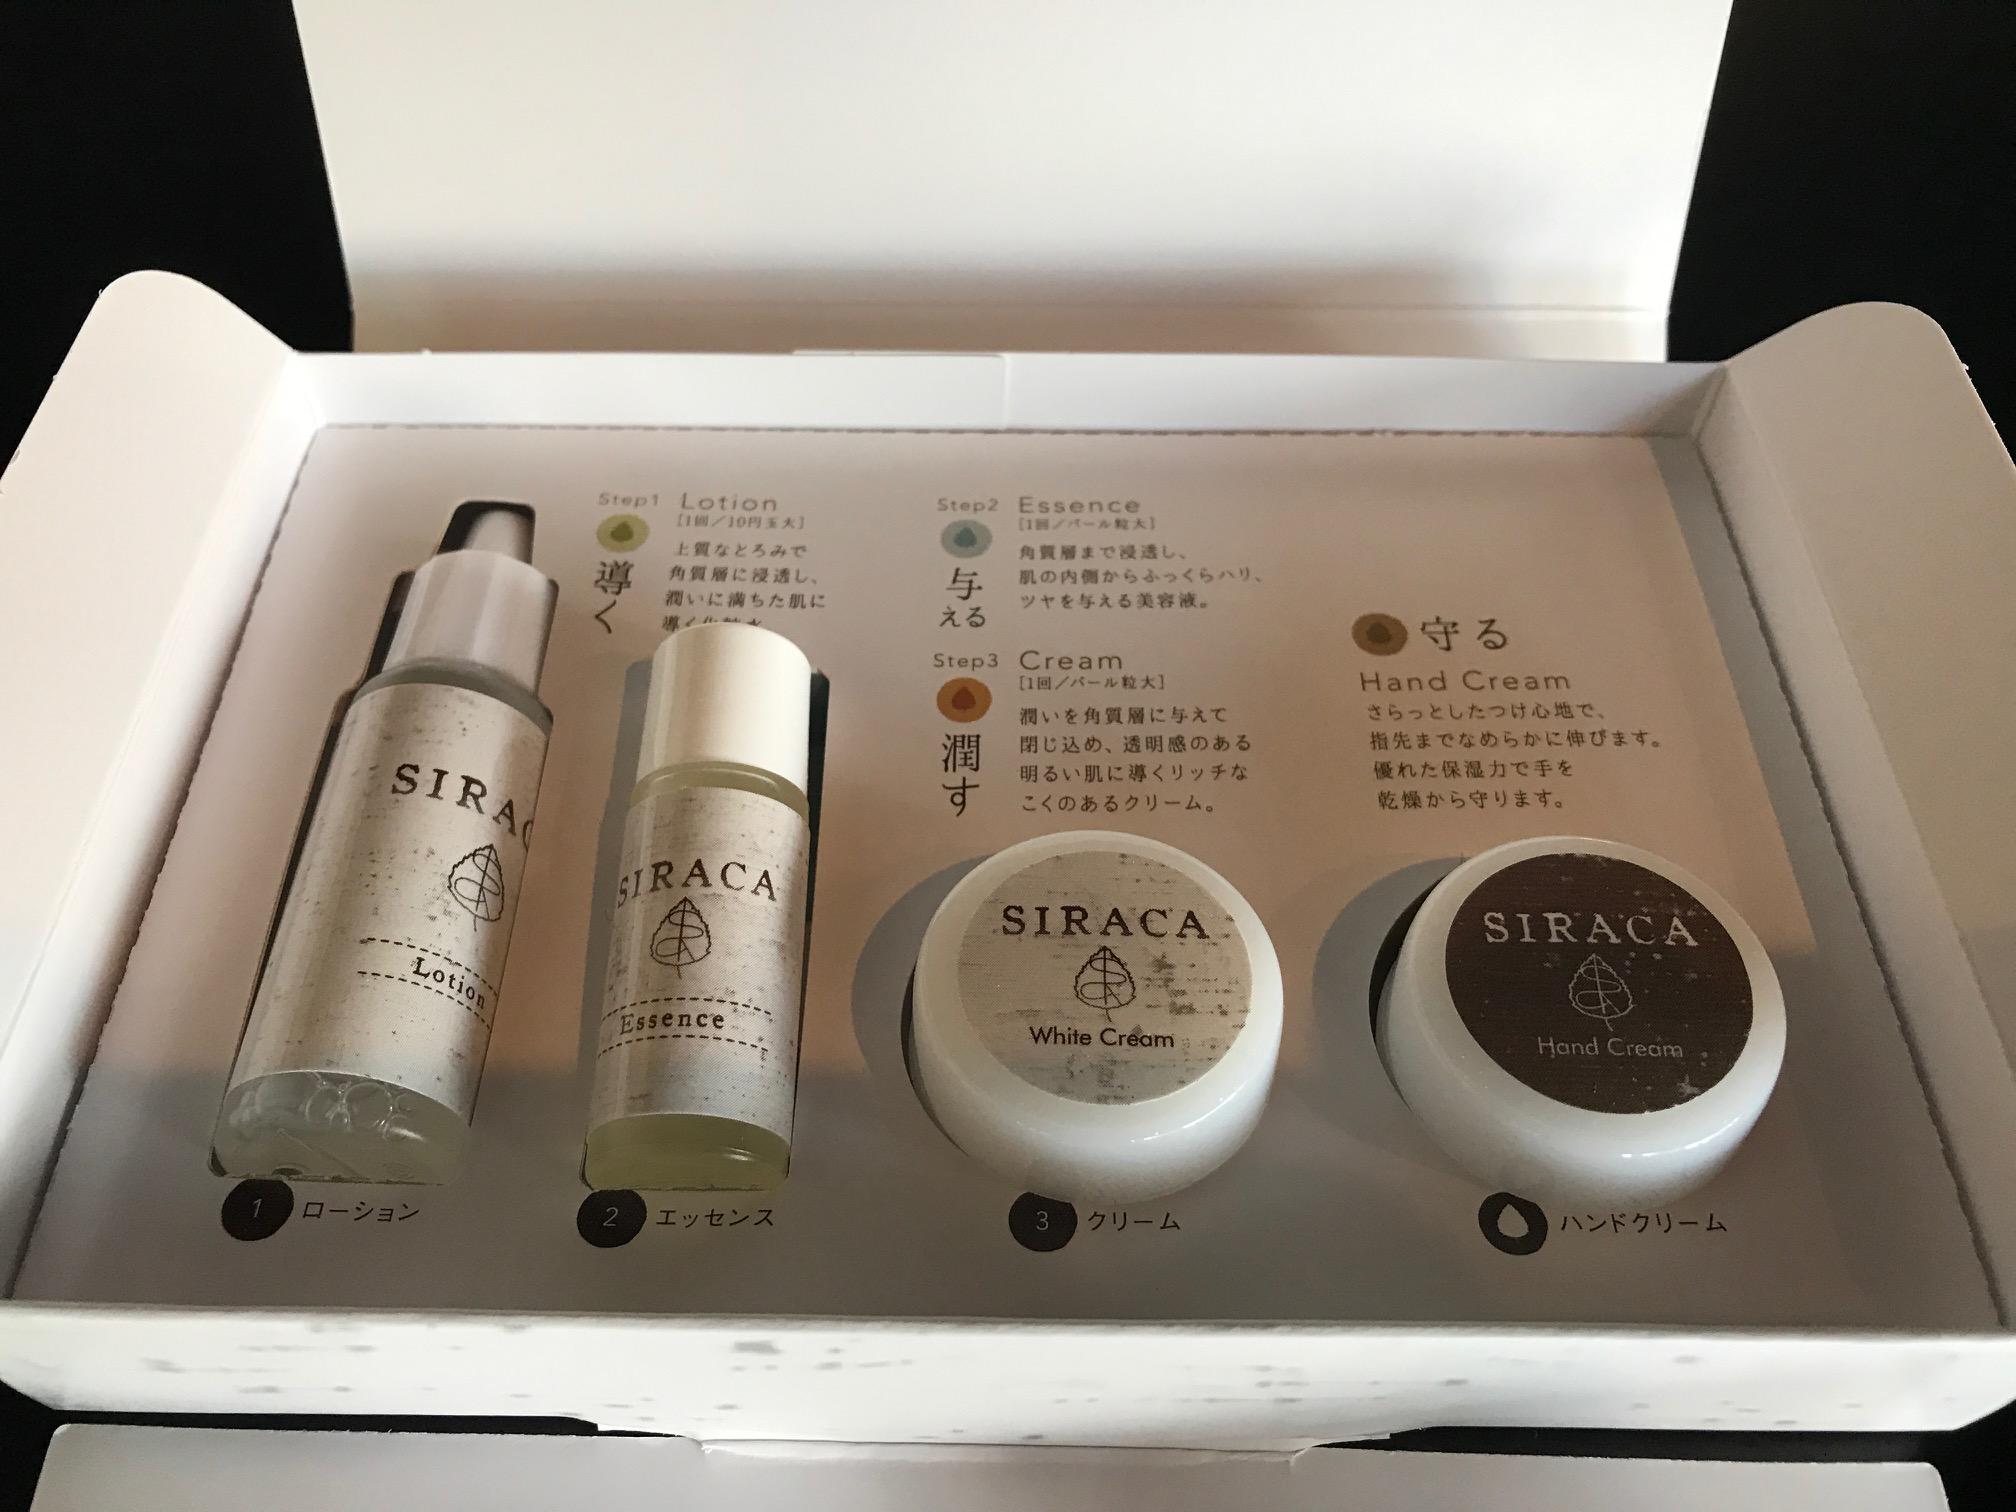 白樺化粧品シリカサンプル